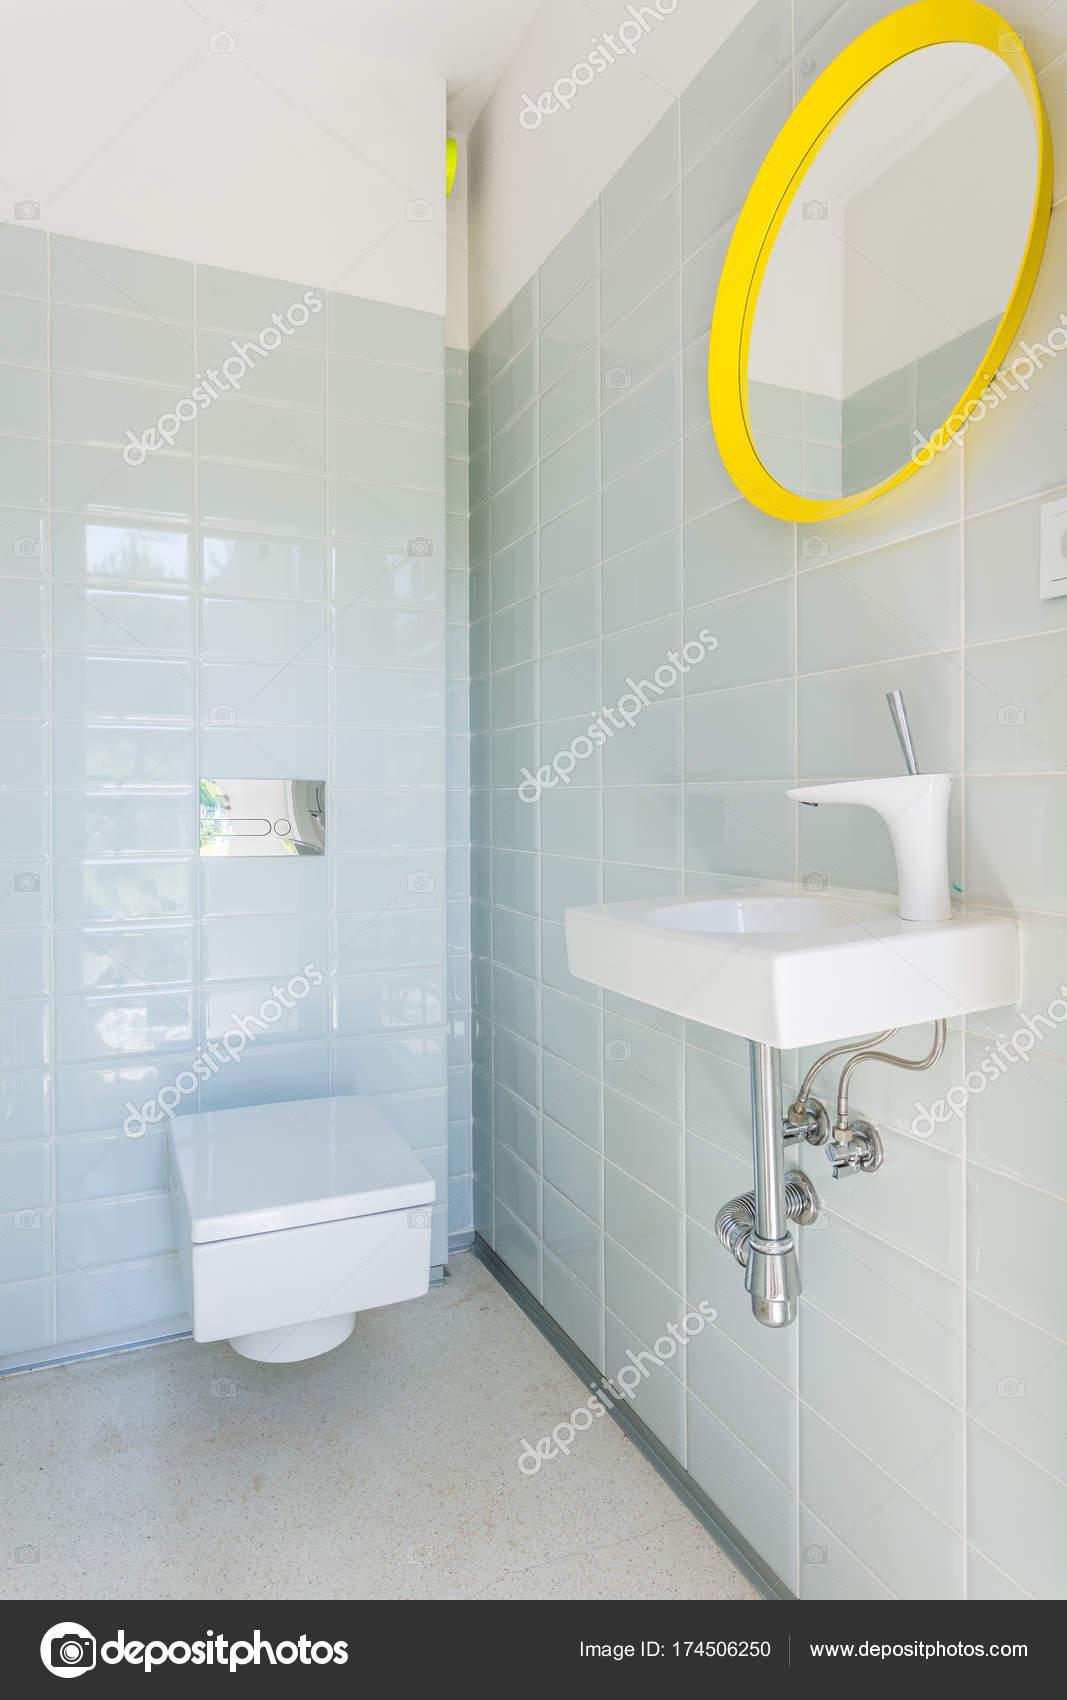 Salle De Bain Avec Toilettes Et Lavabo Photographie